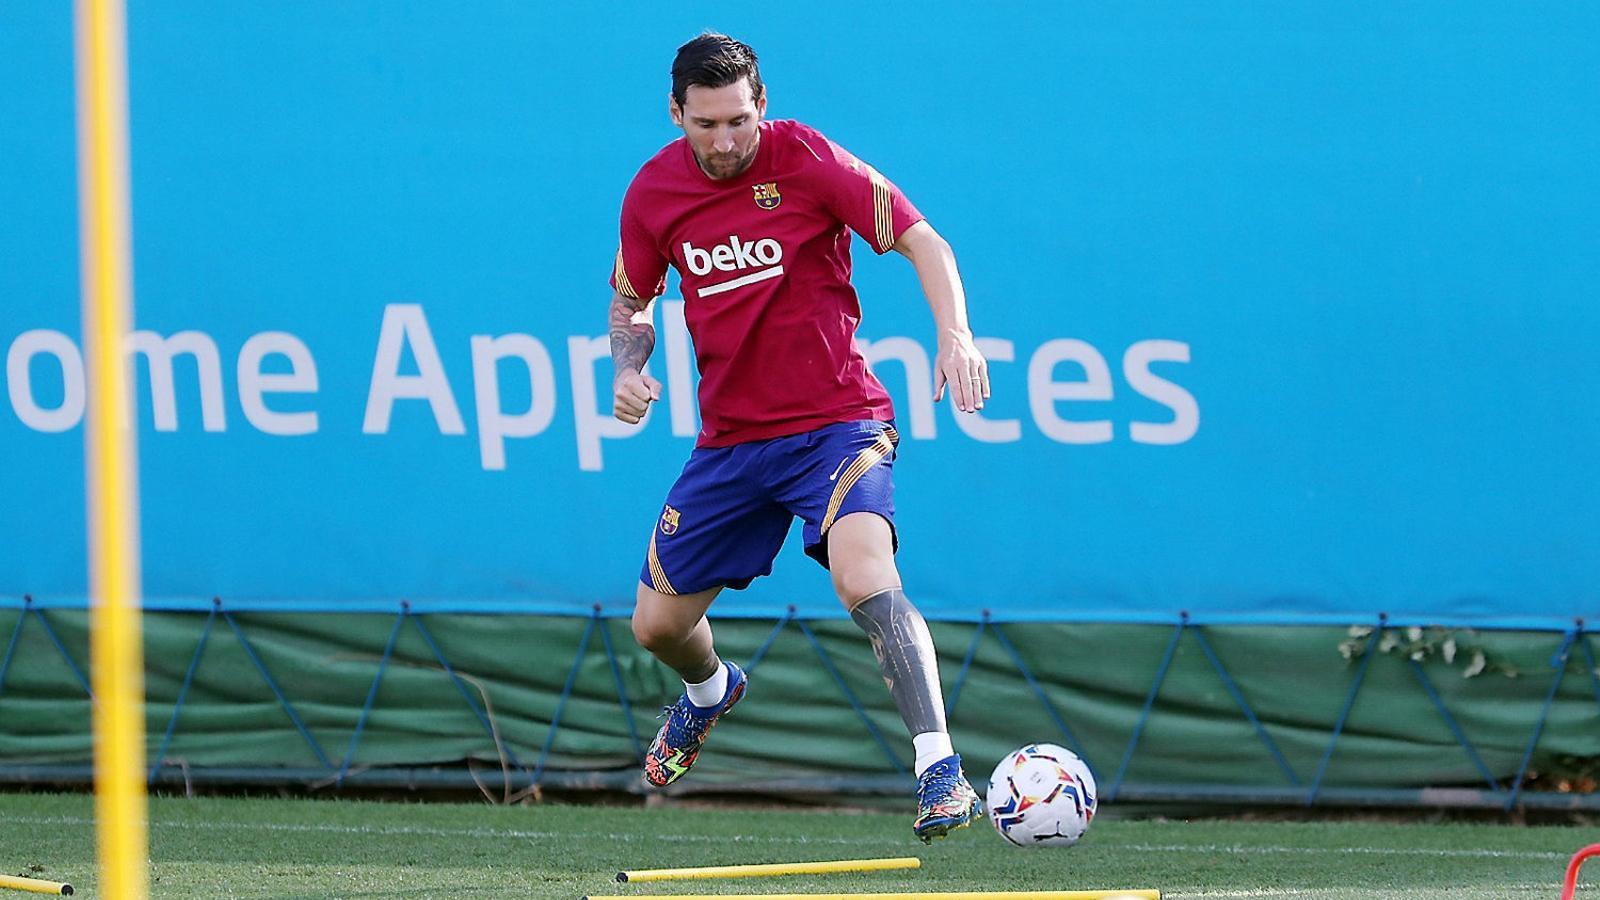 Acabar l'obra de Messi